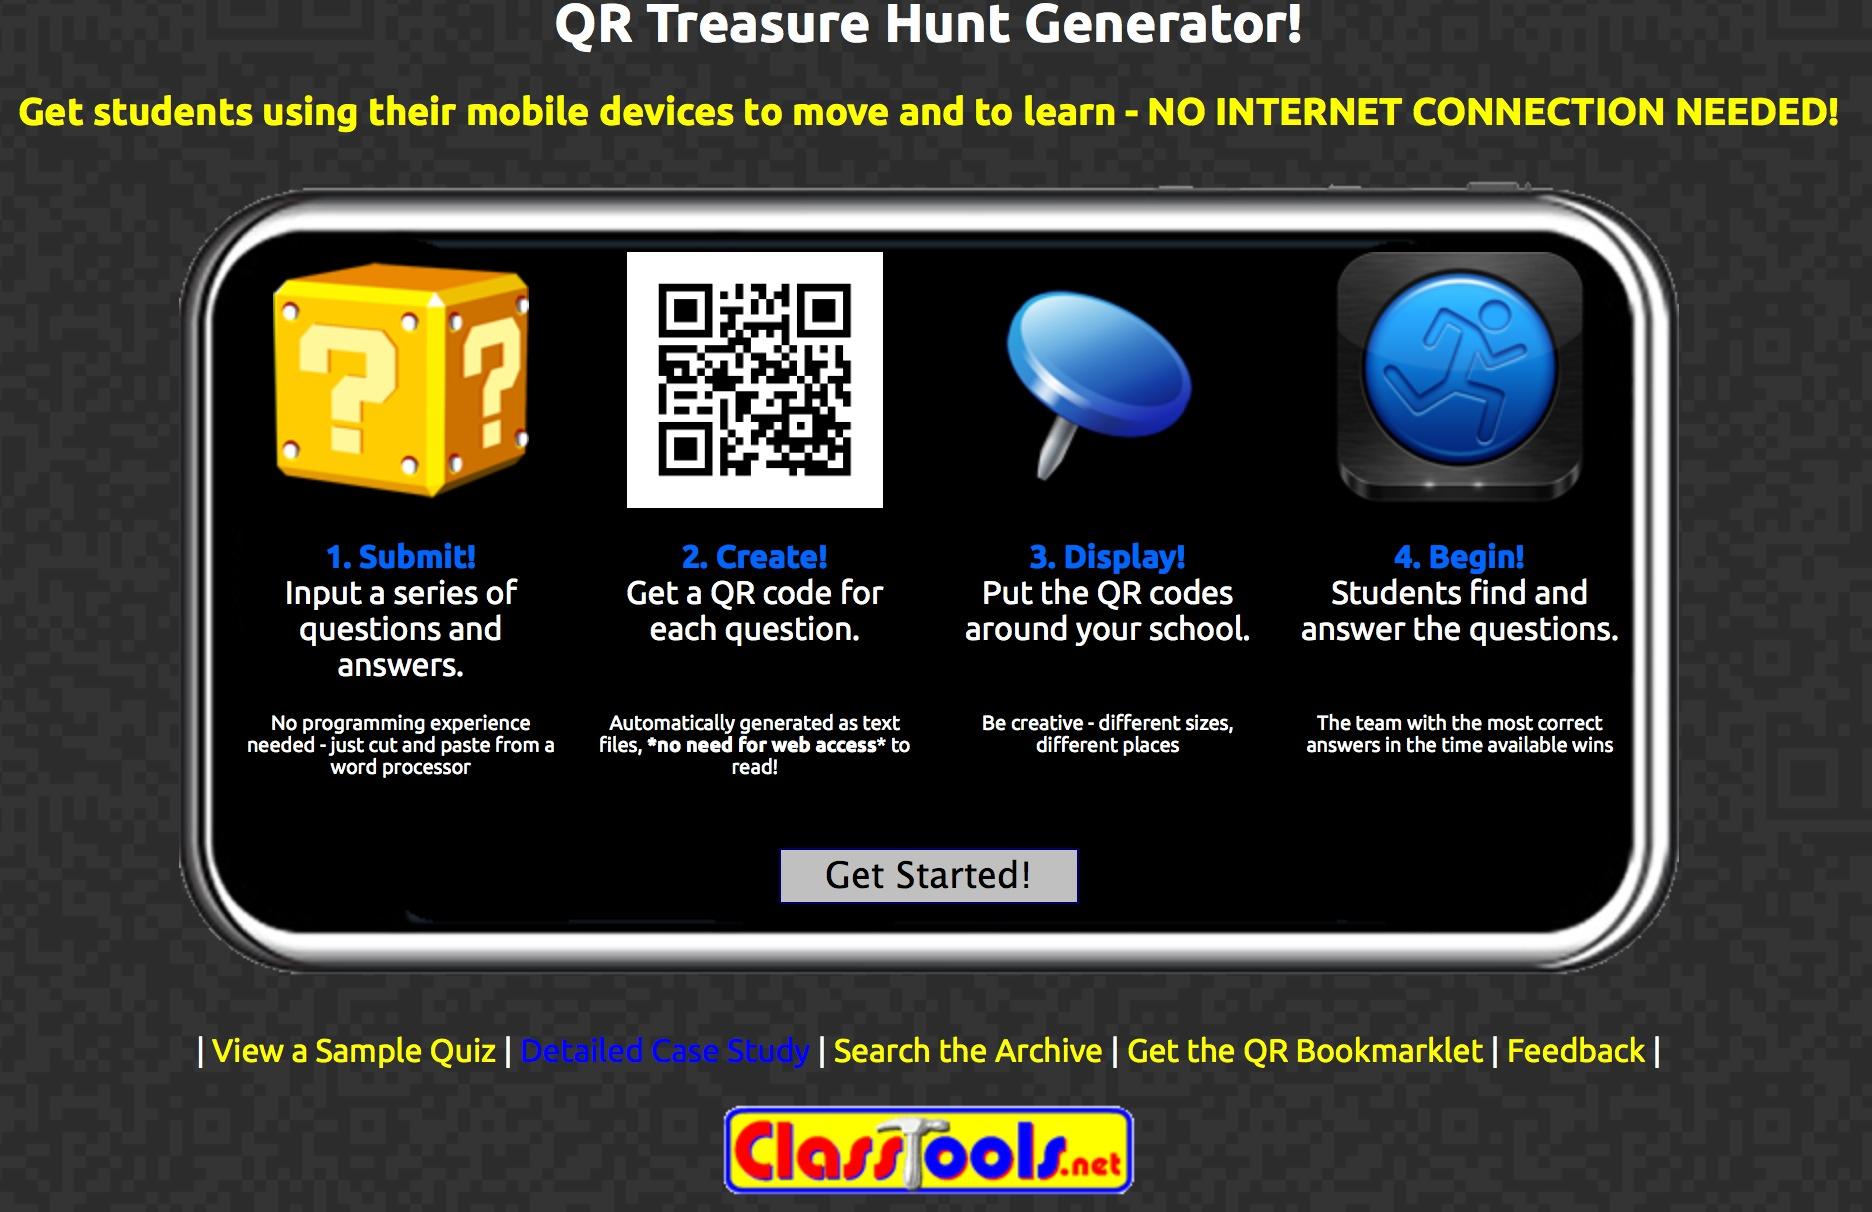 QR Code Treasure Hunt